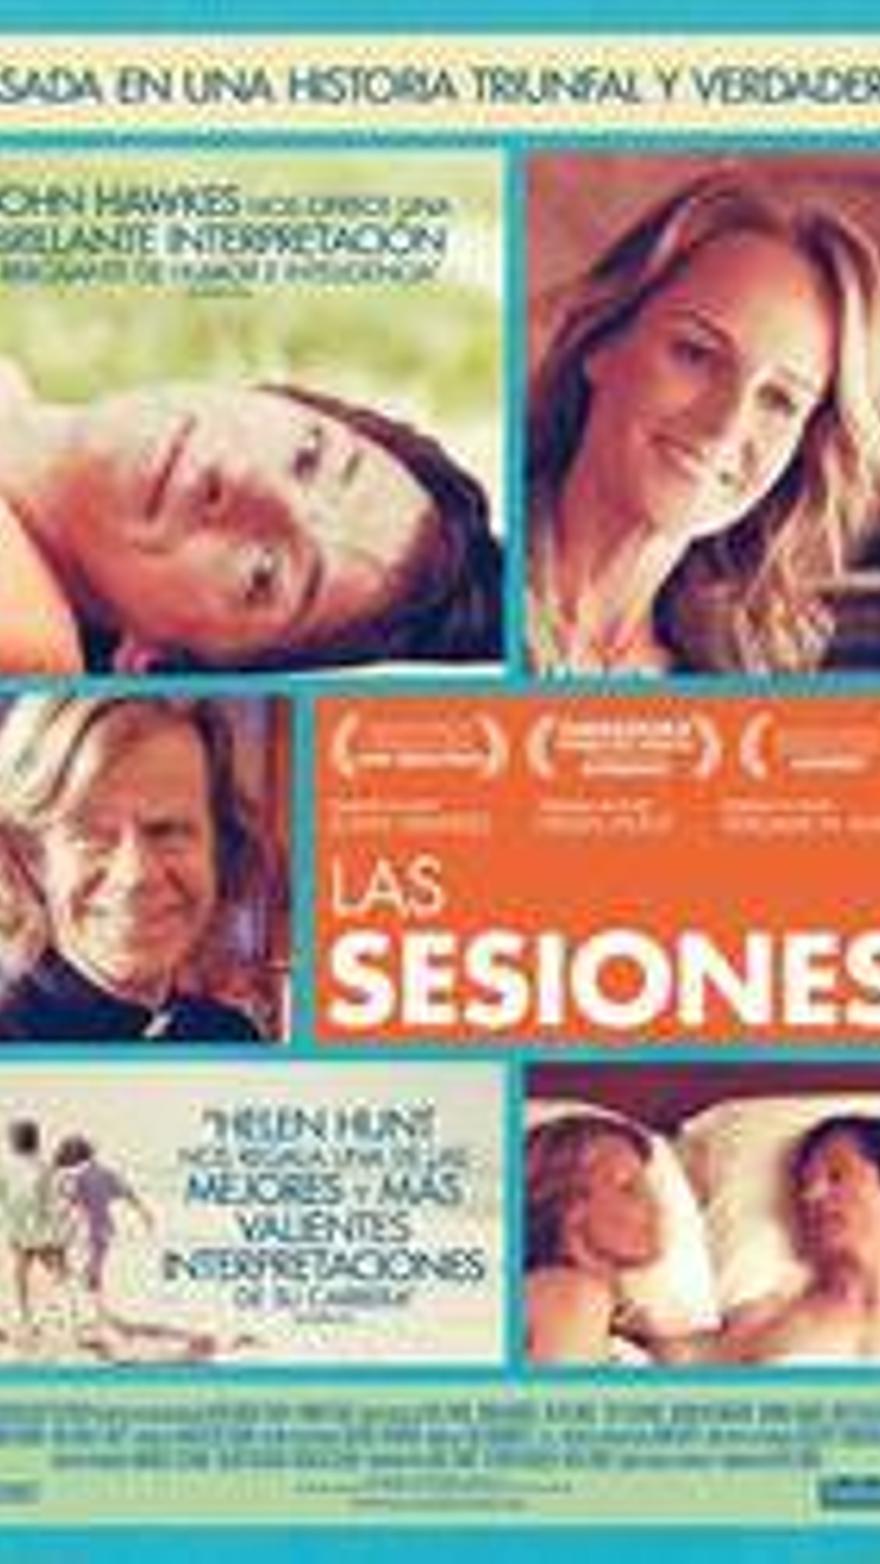 Las sesiones